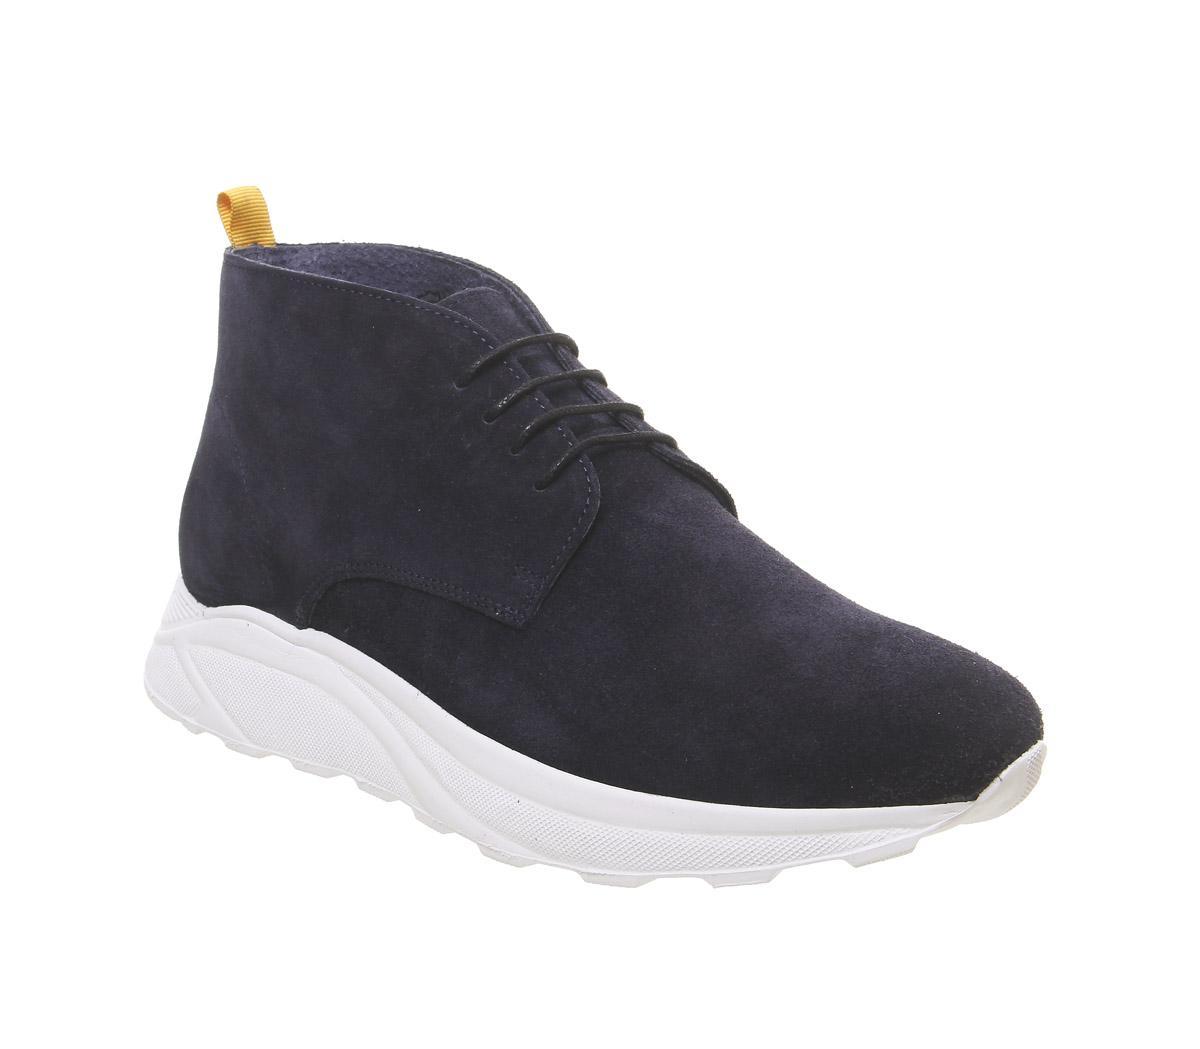 Lacrosse Chukka Shoes